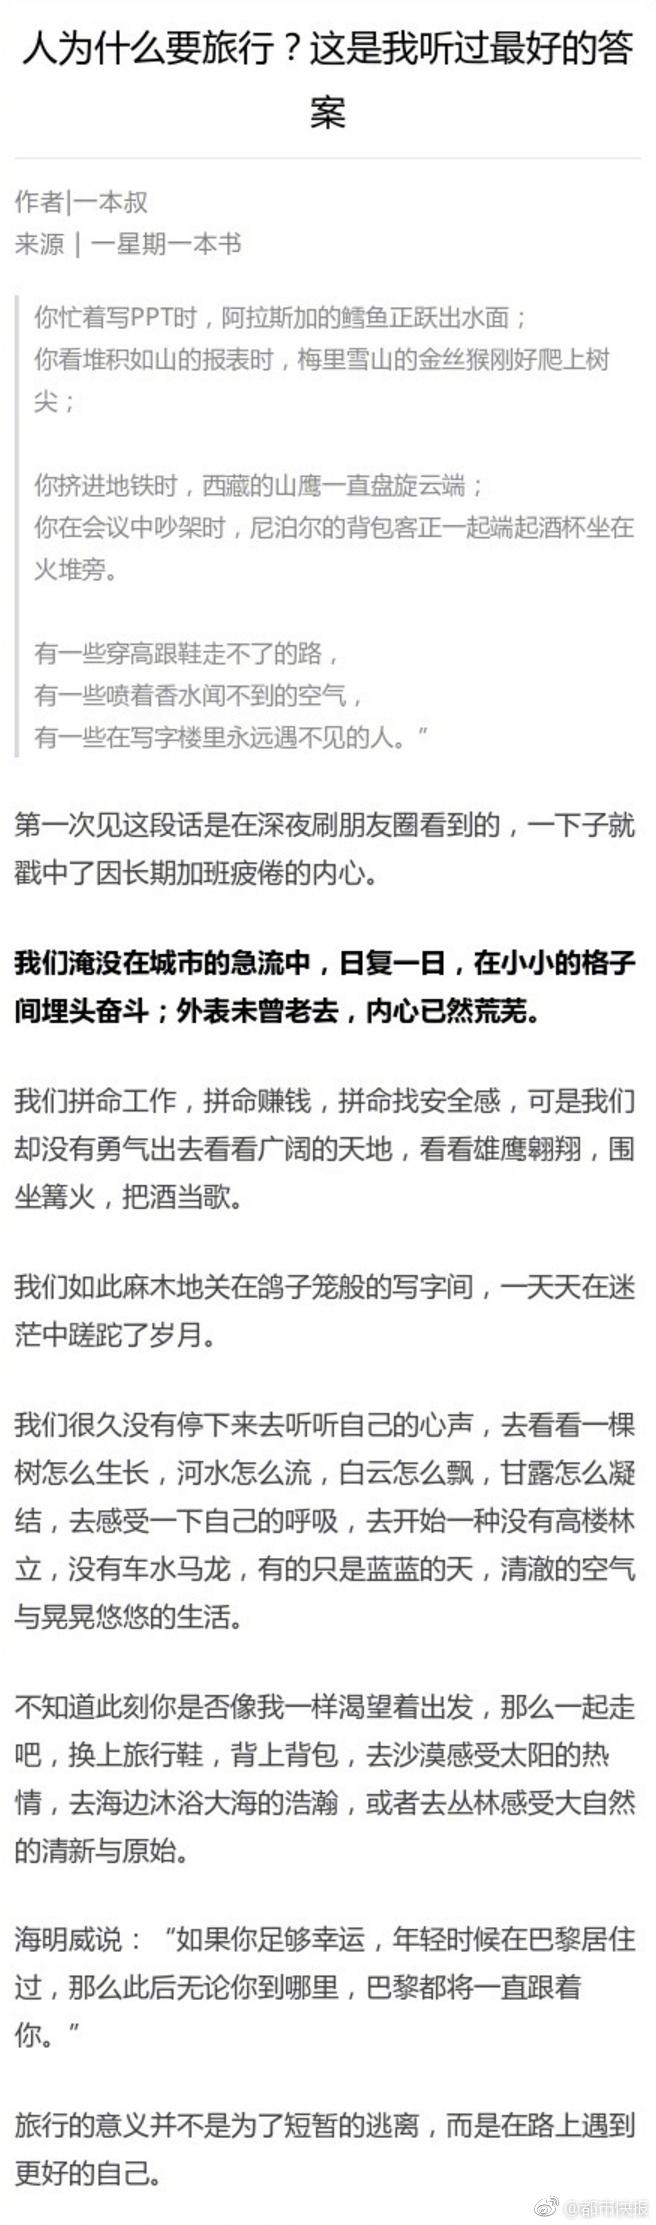 韩国瑜吁暂不谈政治,回归祥和社会